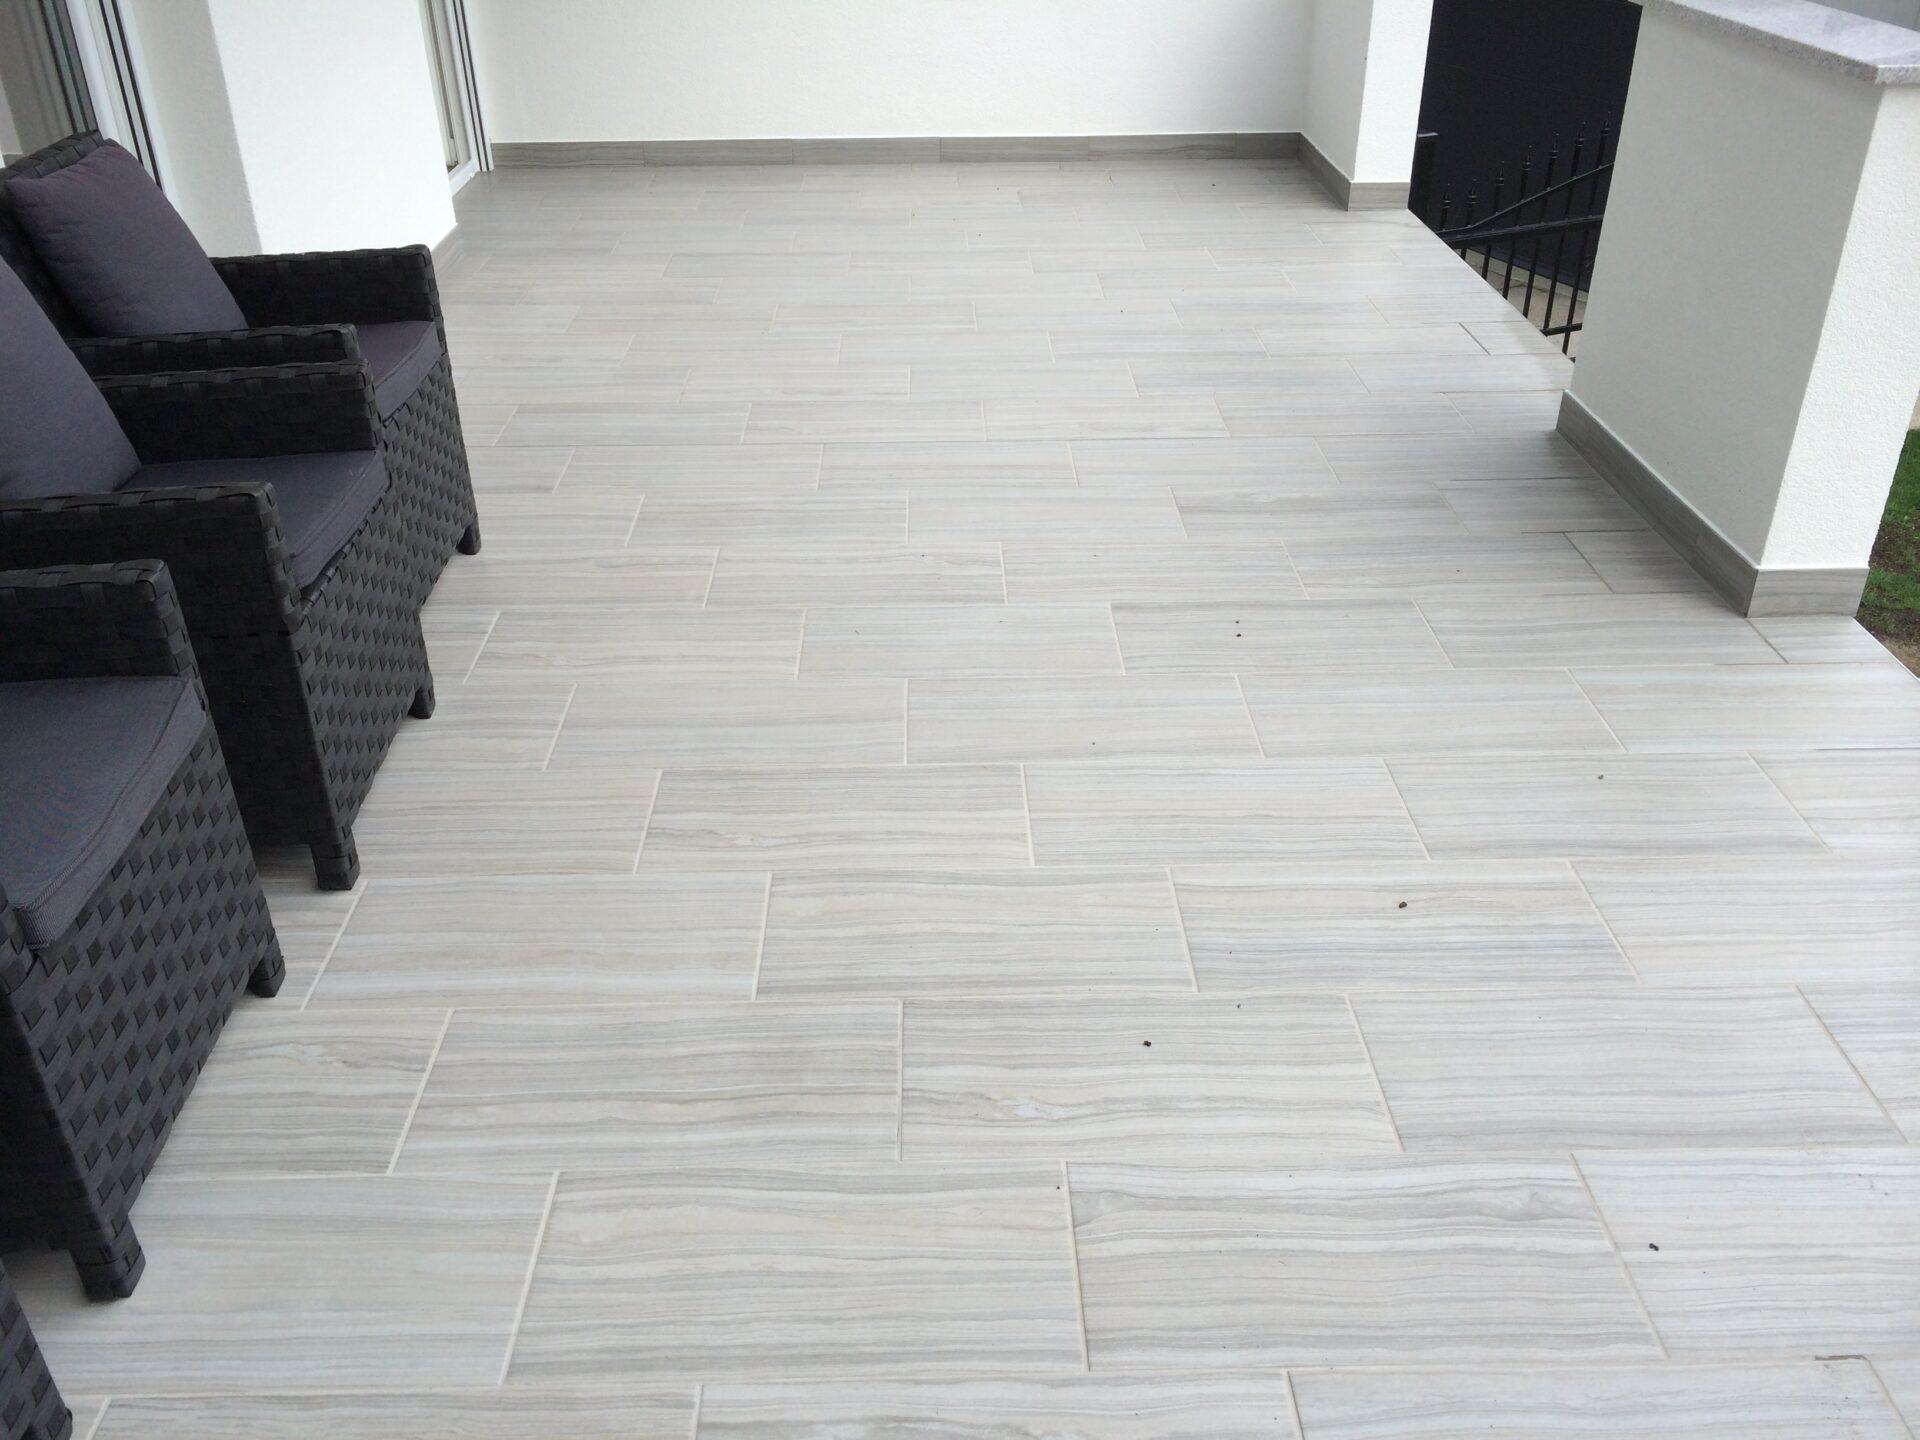 Polaganje talnih ploščic na teraso v beli barvi fug